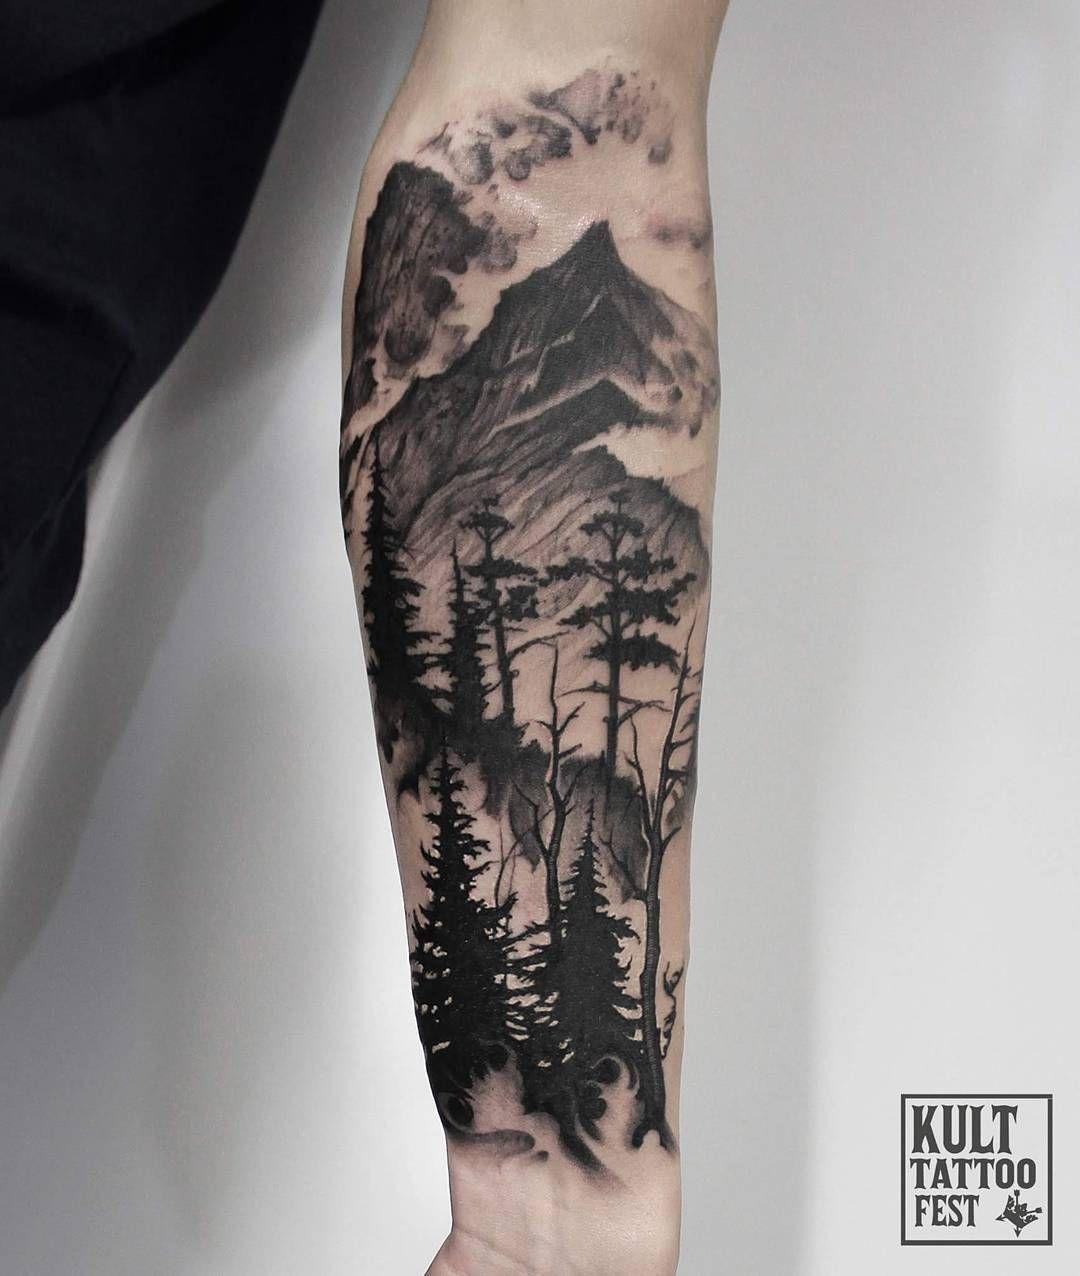 Half sleeve tattoo idea. | Tattoos | Pinterest | Tattoo, Tatting and ...